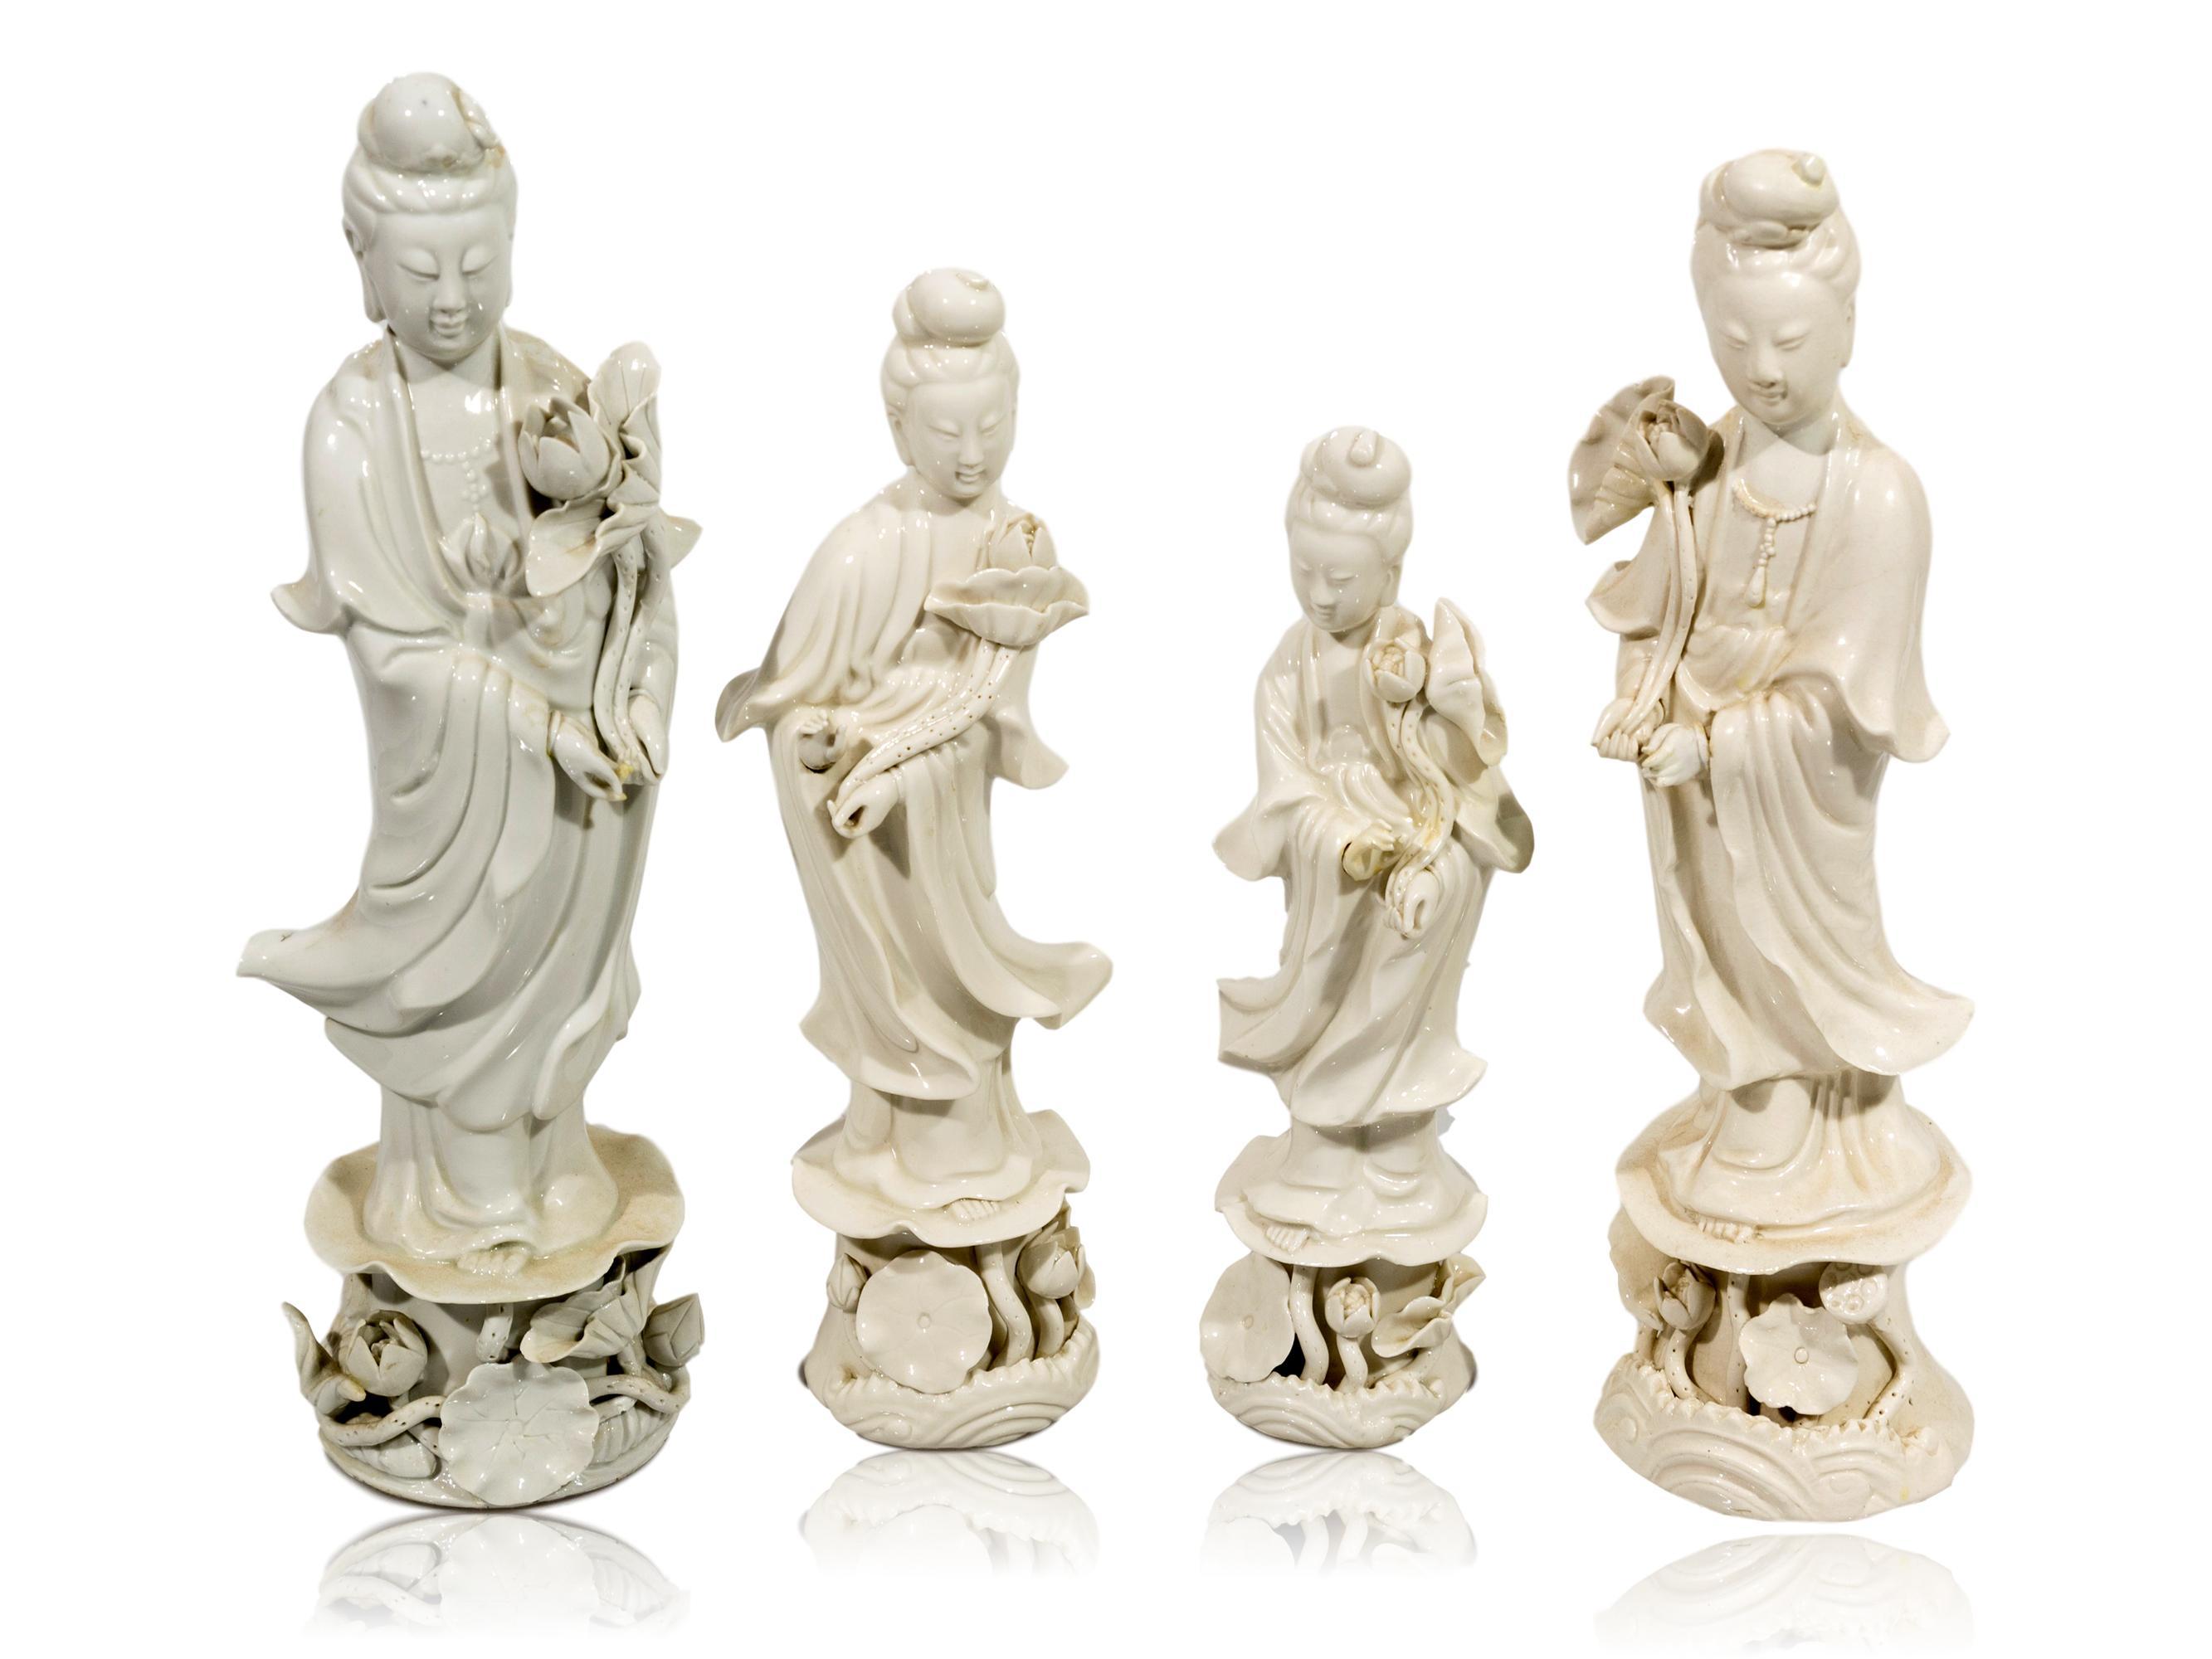 A Set of 4 19th Century Blanc de Chine Porcelain Figurines, 22 - 29cm